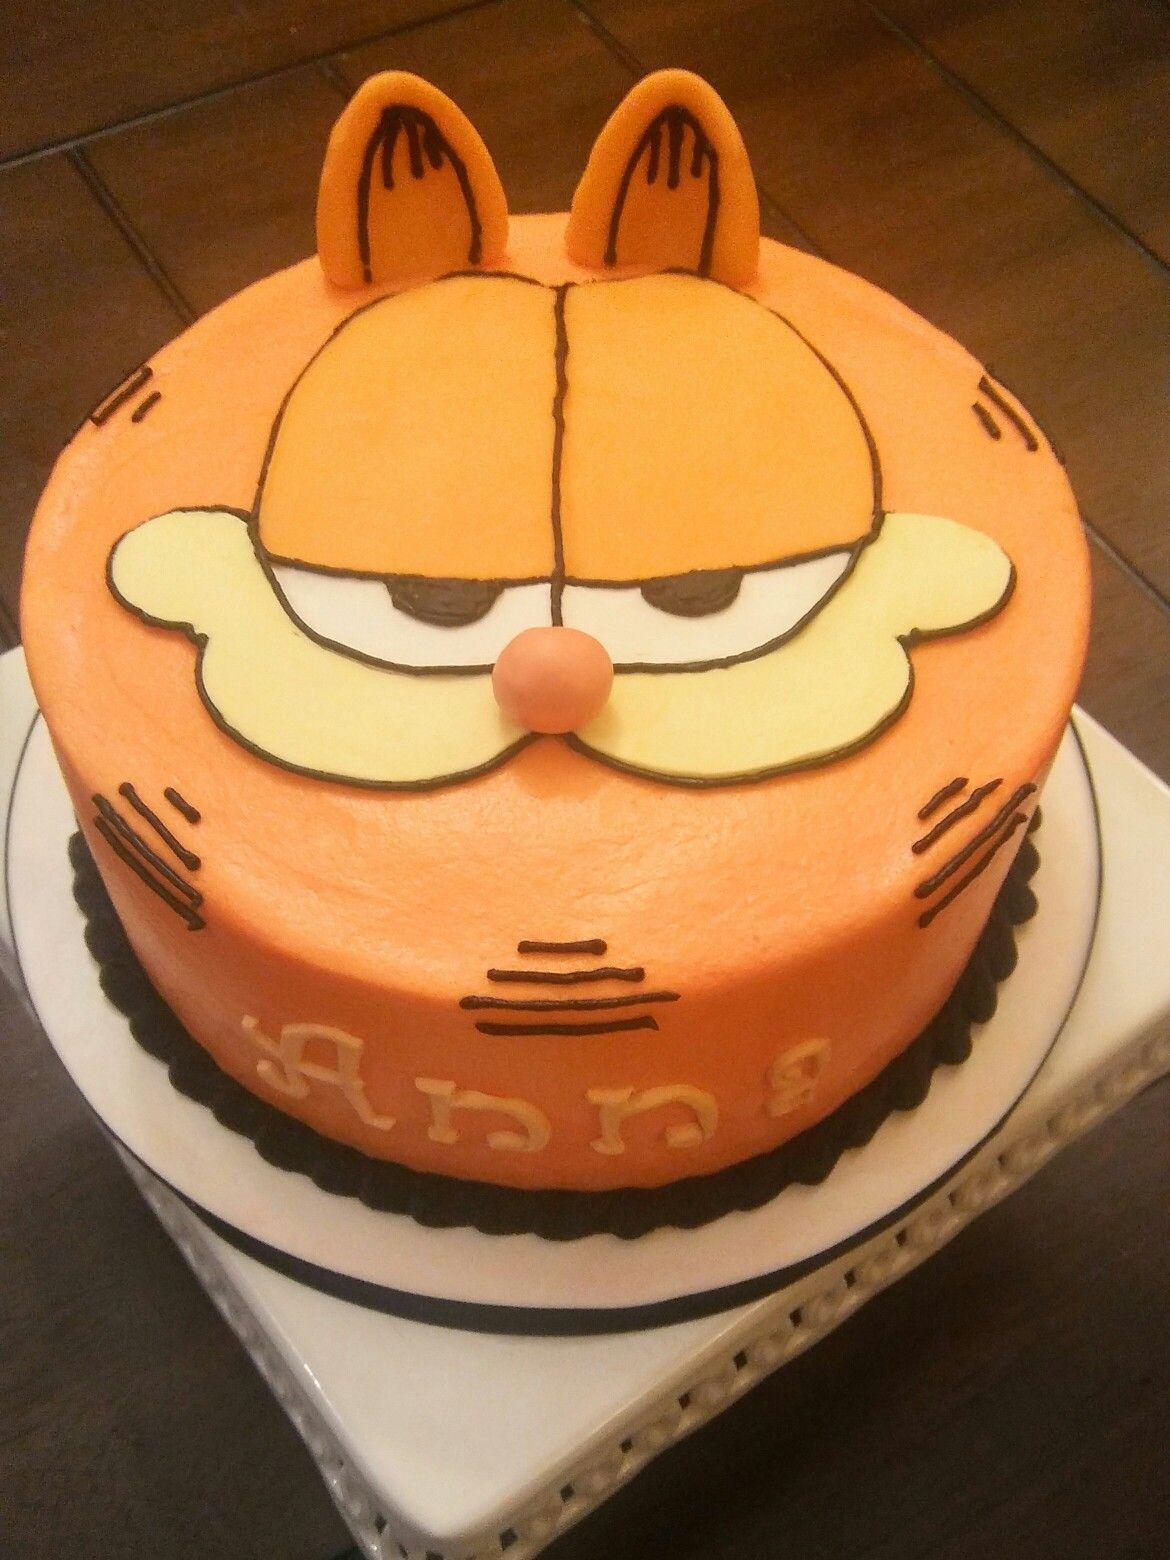 Cool Garfield Cake Birthday Cake From Buttercream And Chocolate Personalised Birthday Cards Veneteletsinfo